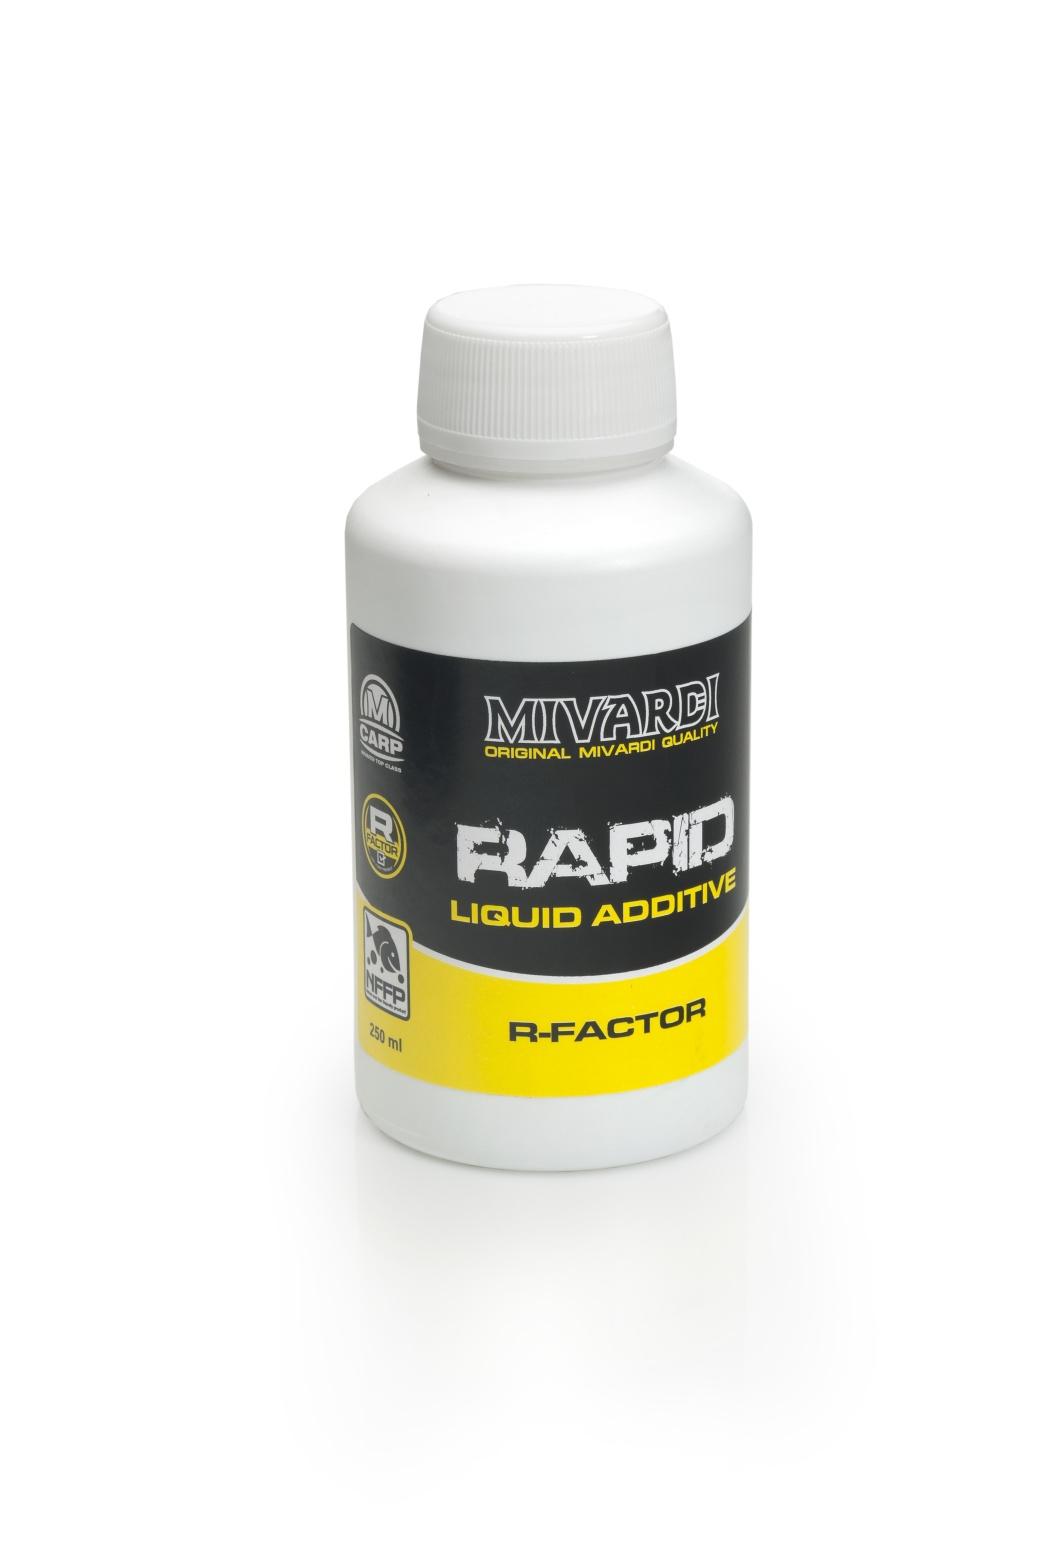 R-FACTOR Liquid